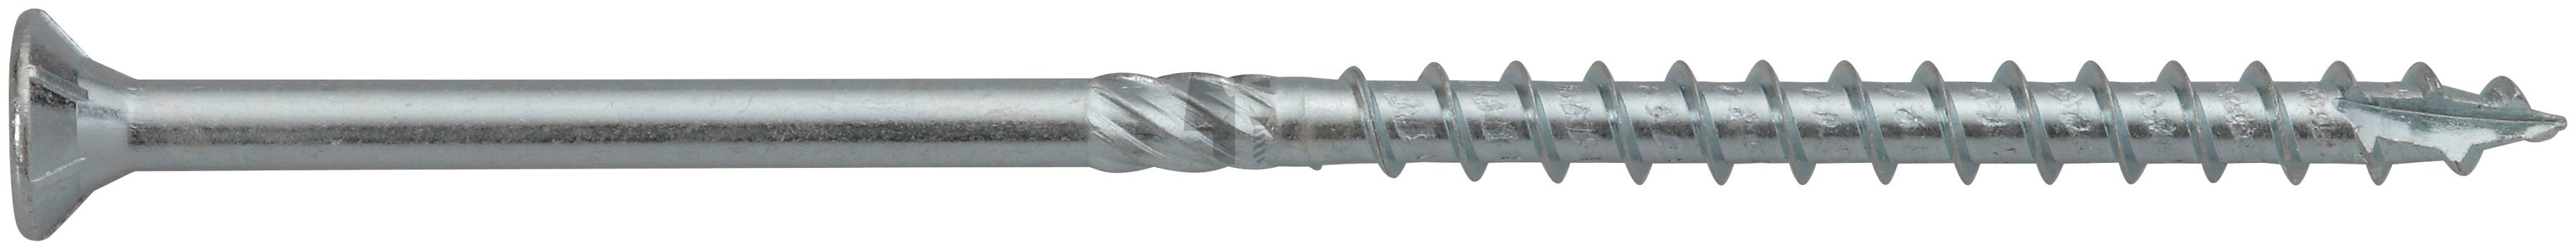 RAMSES Schrauben , Holzbauschraube 8 x 180 mm 25 Stk.